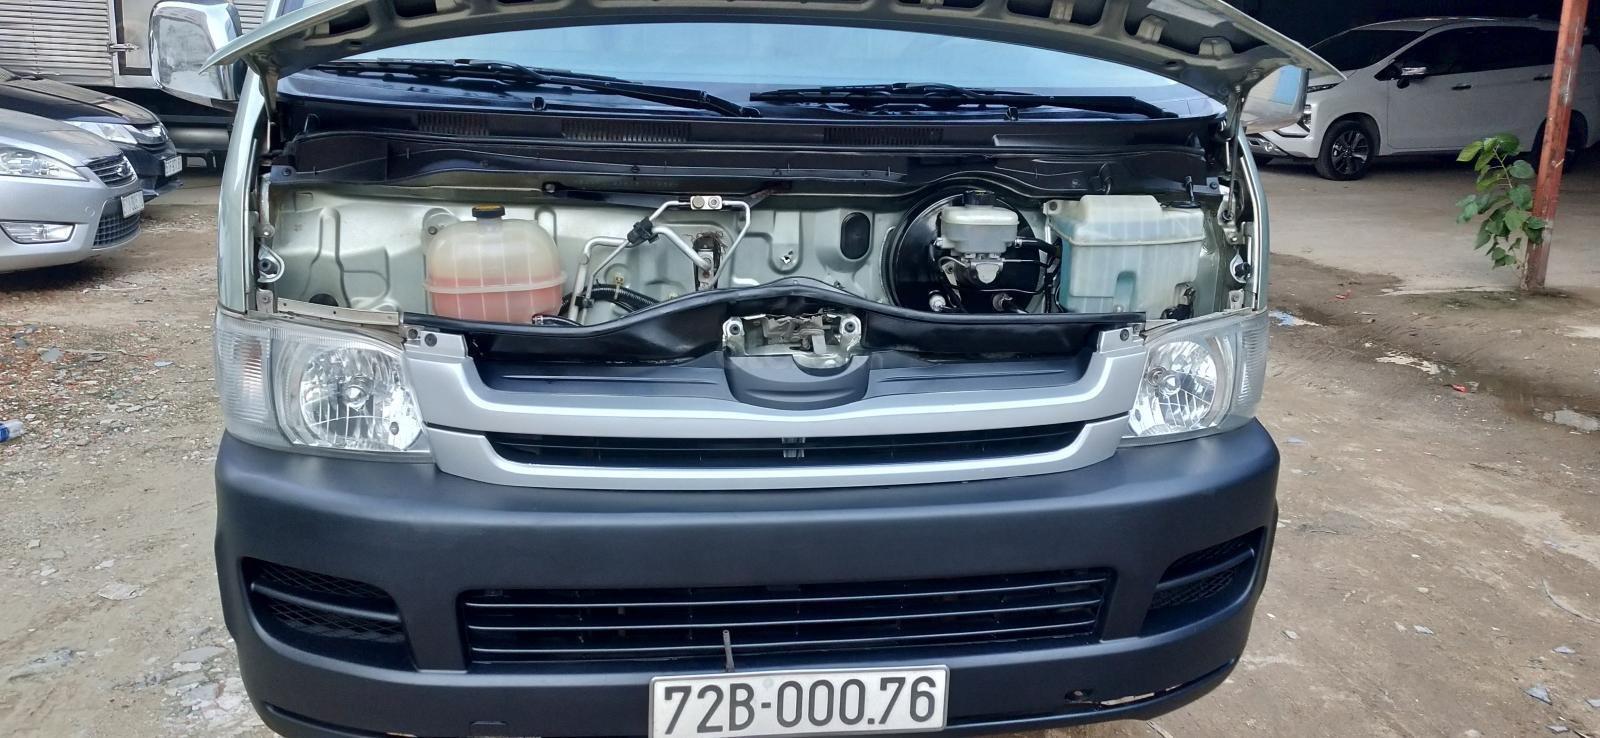 Bán xe Toyota Hiace sản xuất năm 2007 máy dầu 15 chỗ (8)